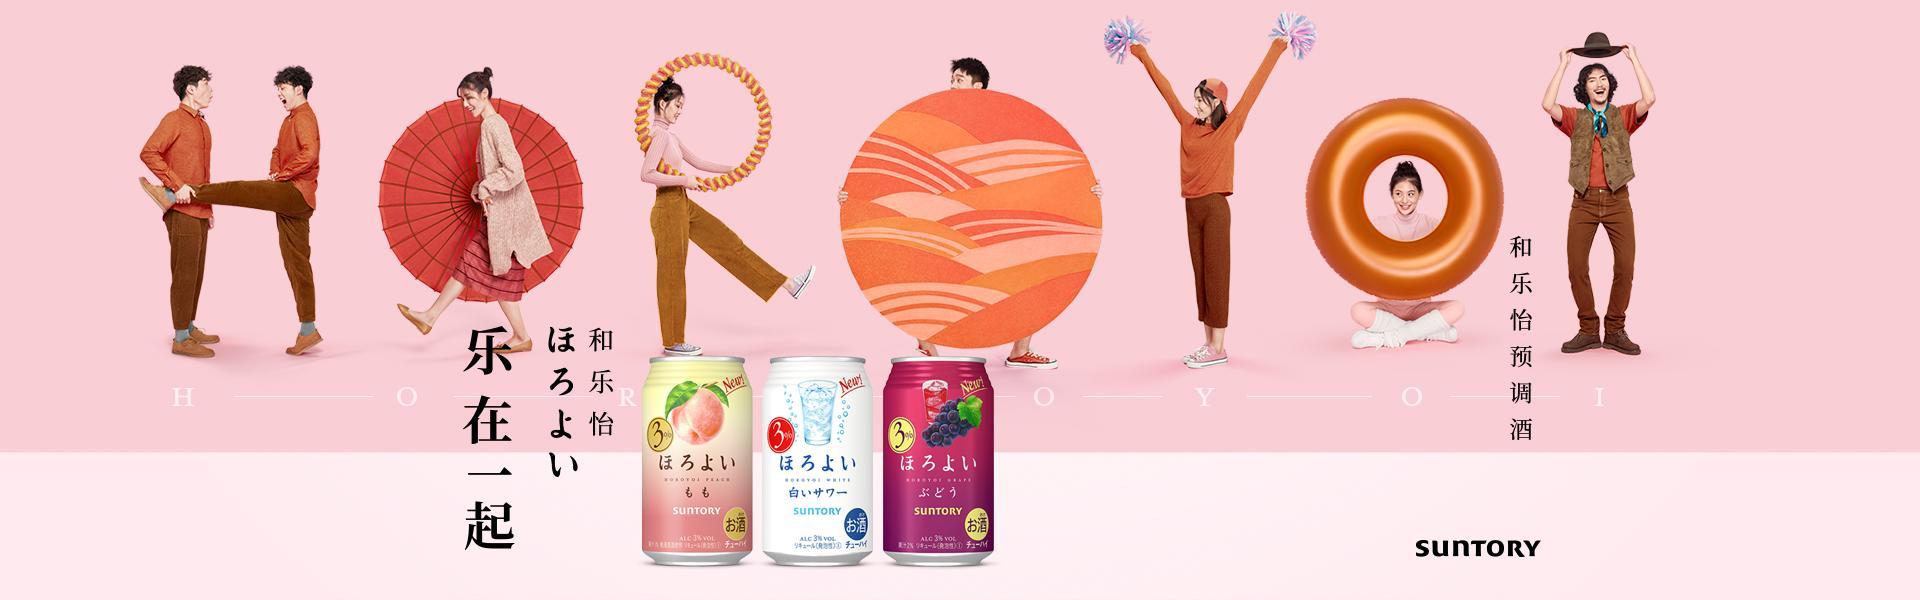 低度酒饮料受欢迎,日本三得利旗下HOROYOI正式进入中国